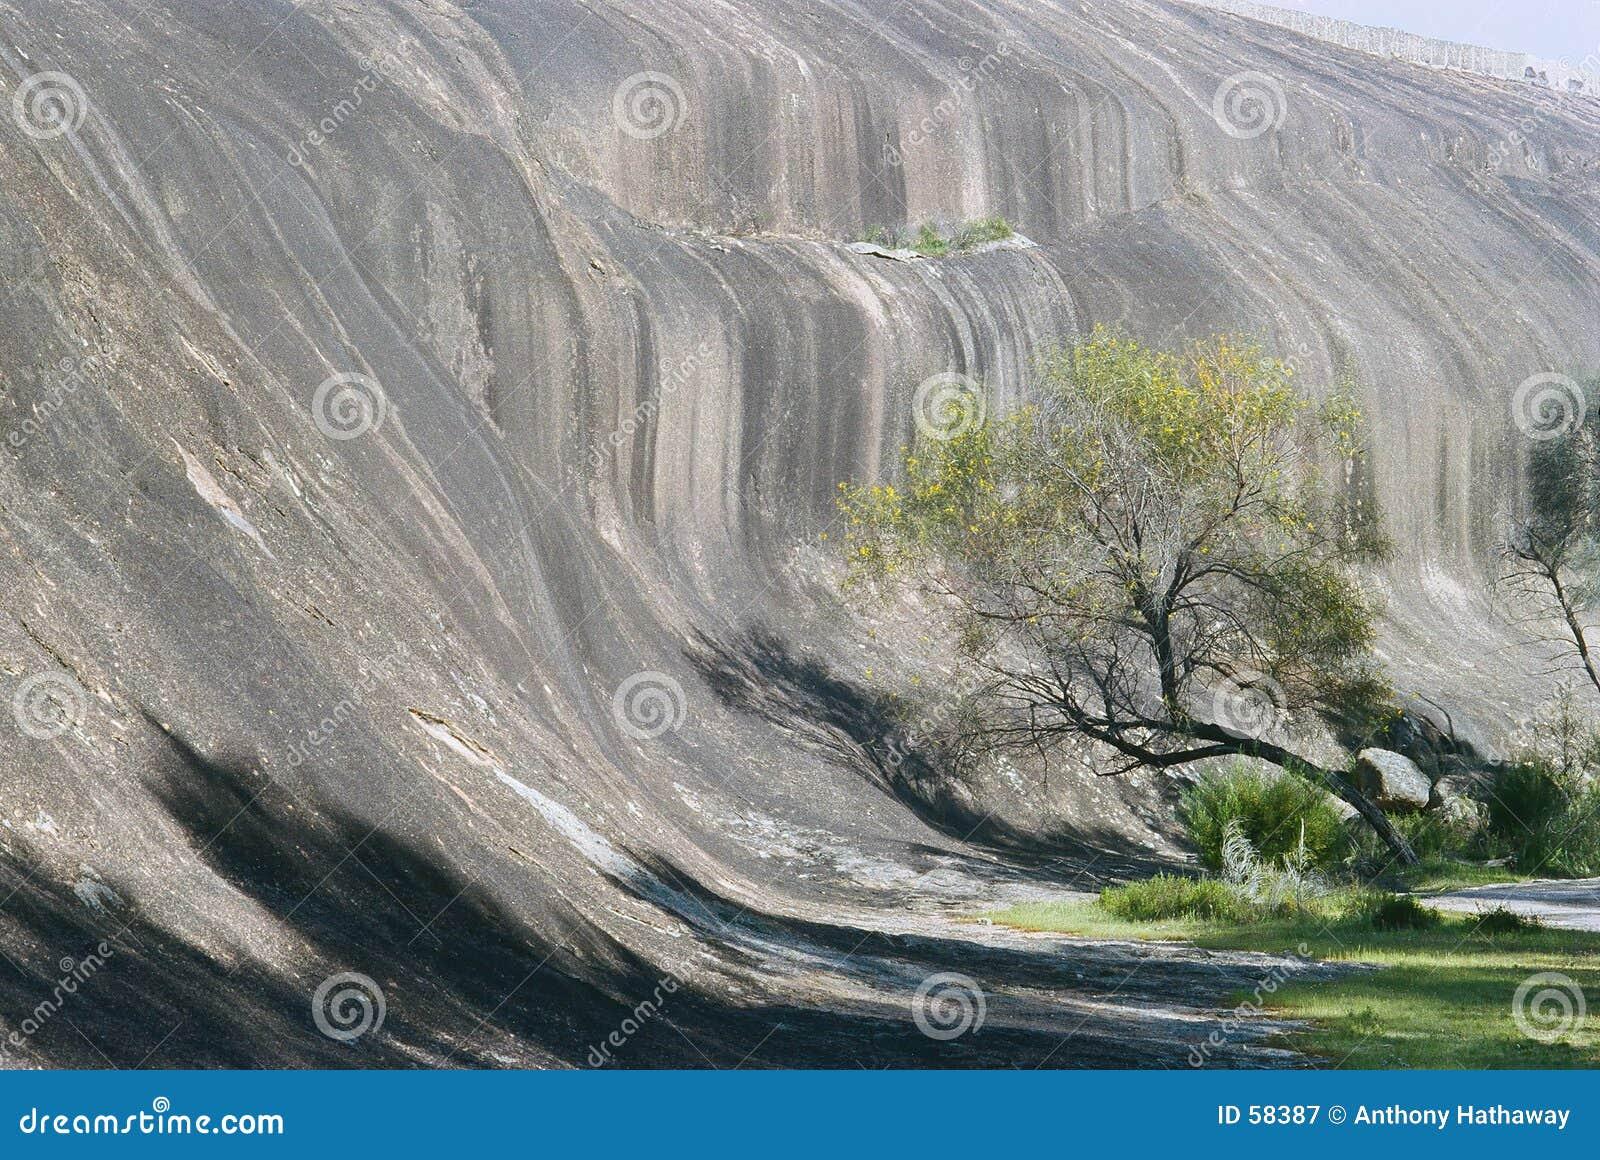 Download Roche d'onde image stock. Image du onduler, scénique, roche - 58387